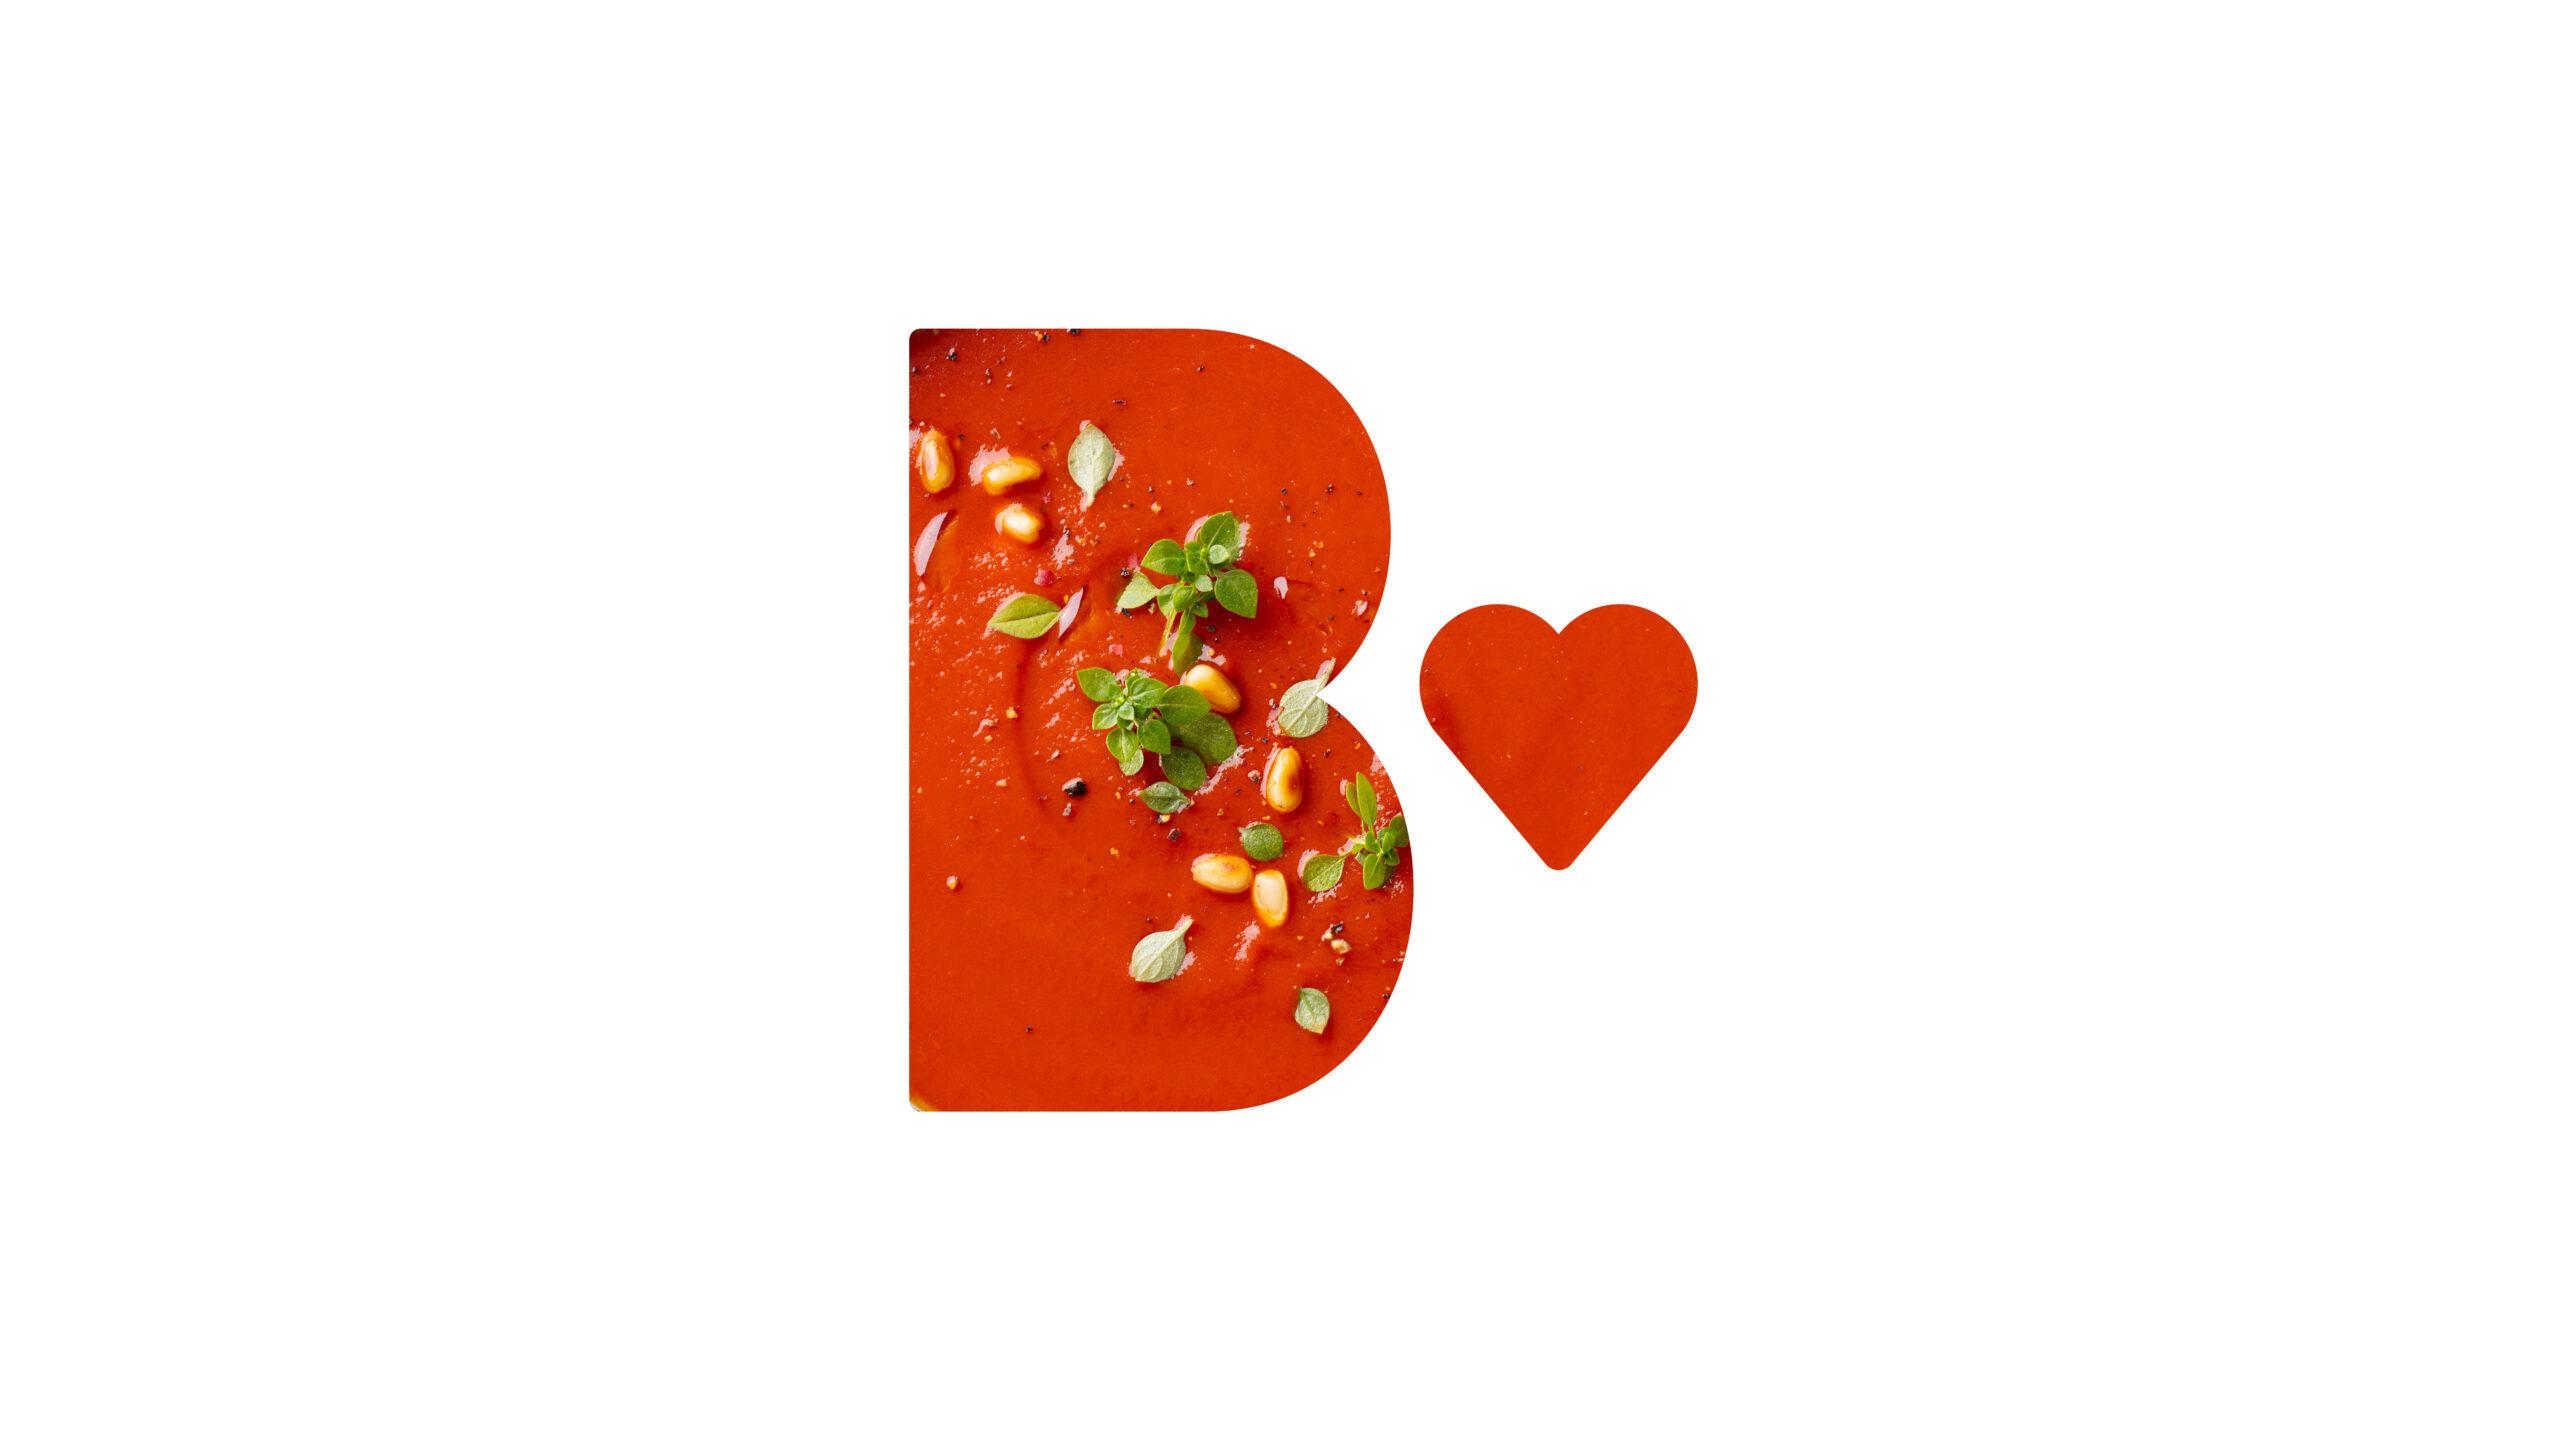 bodyhappines_icons9-scaled Dauerhaft abnehmen mit der Eiweiß-Diät